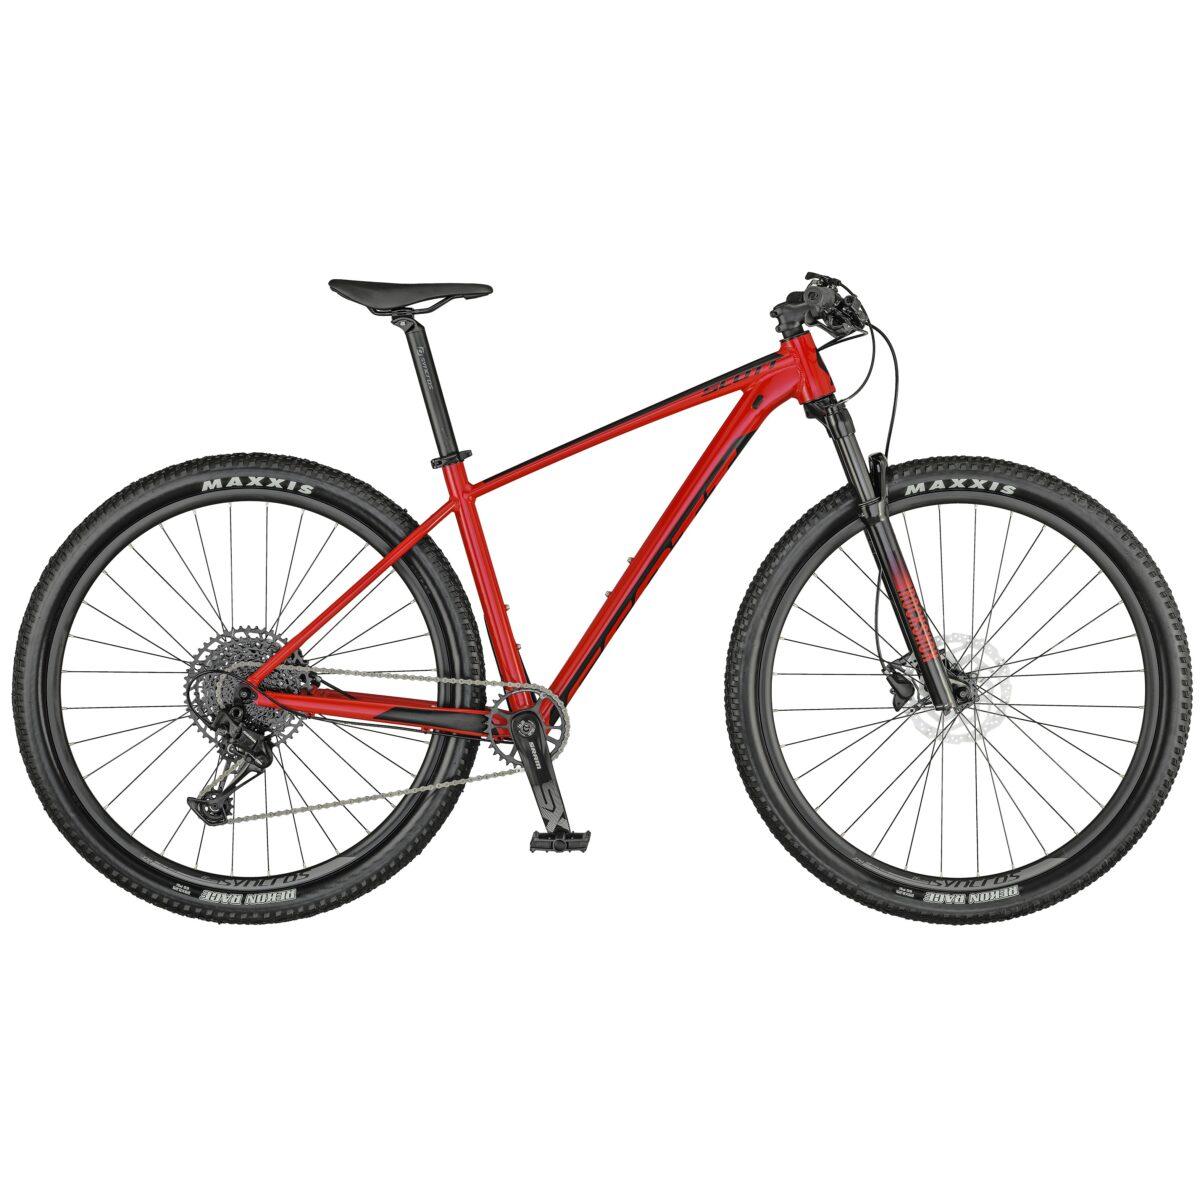 Bicicleta Scott Scale 970 modelo 2021 color red